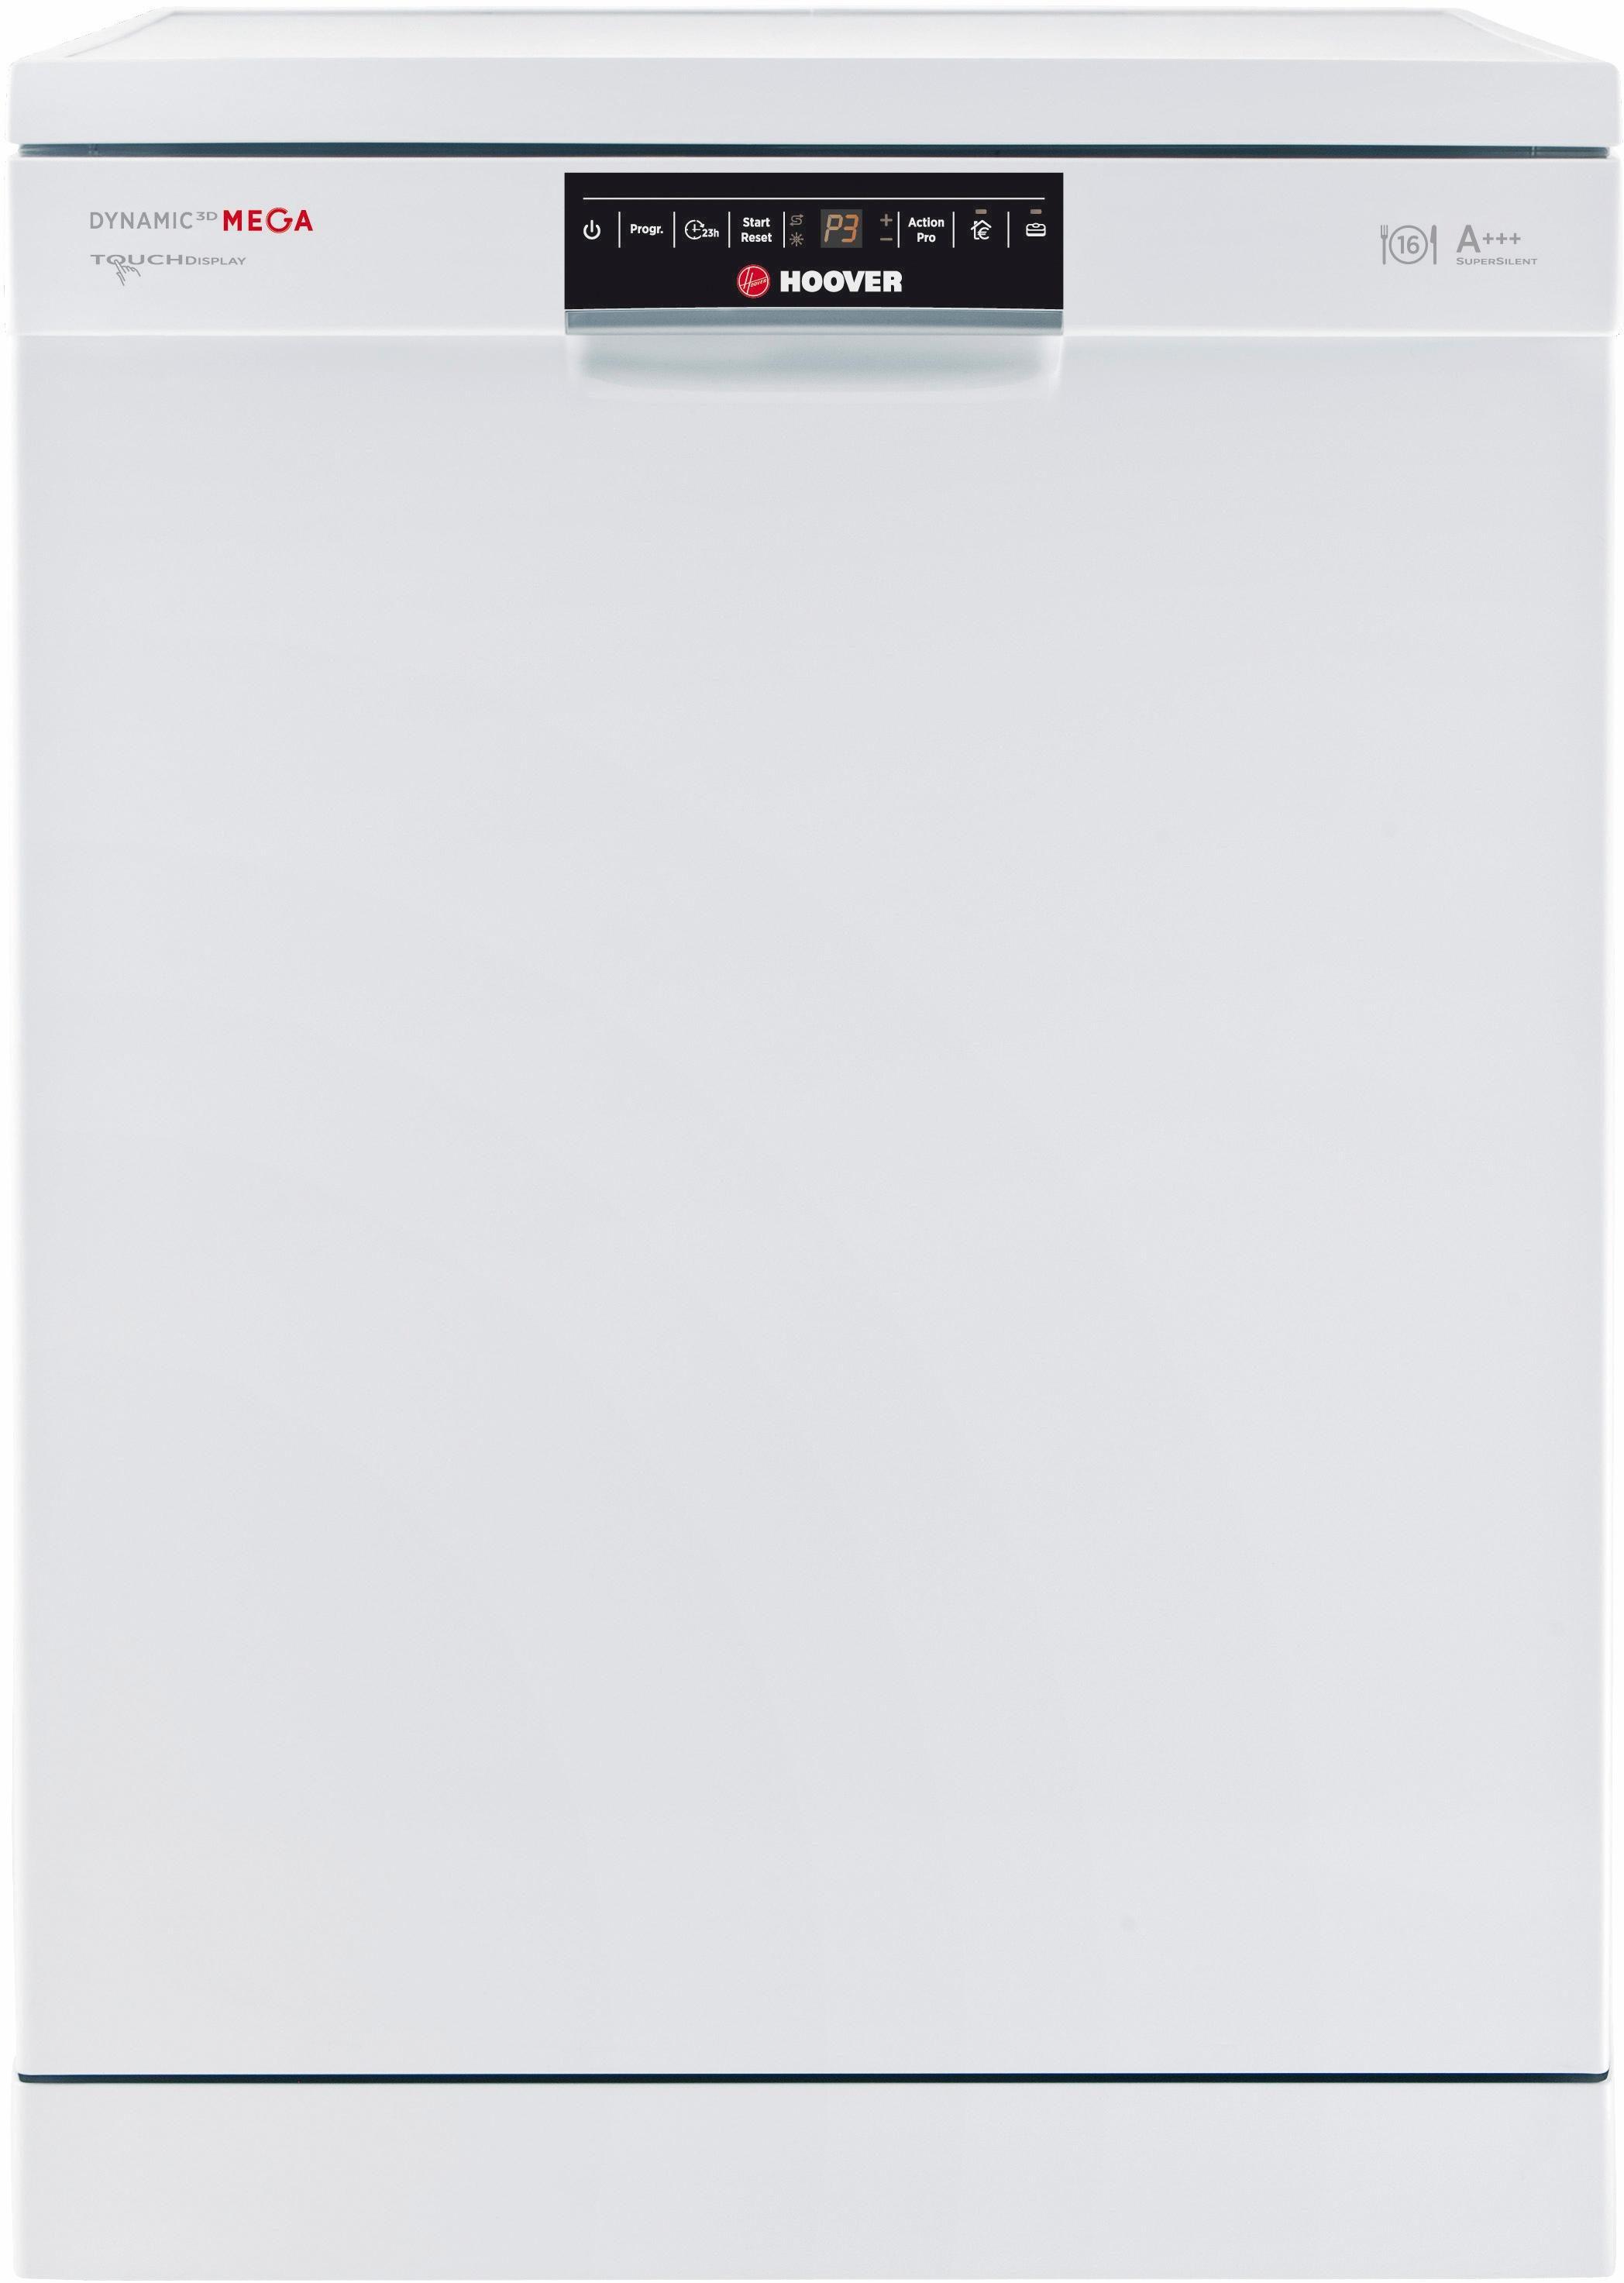 Hoover Geschirrspüler DYM 893/T, A+++, 10 Liter, 16 Maßgedecke